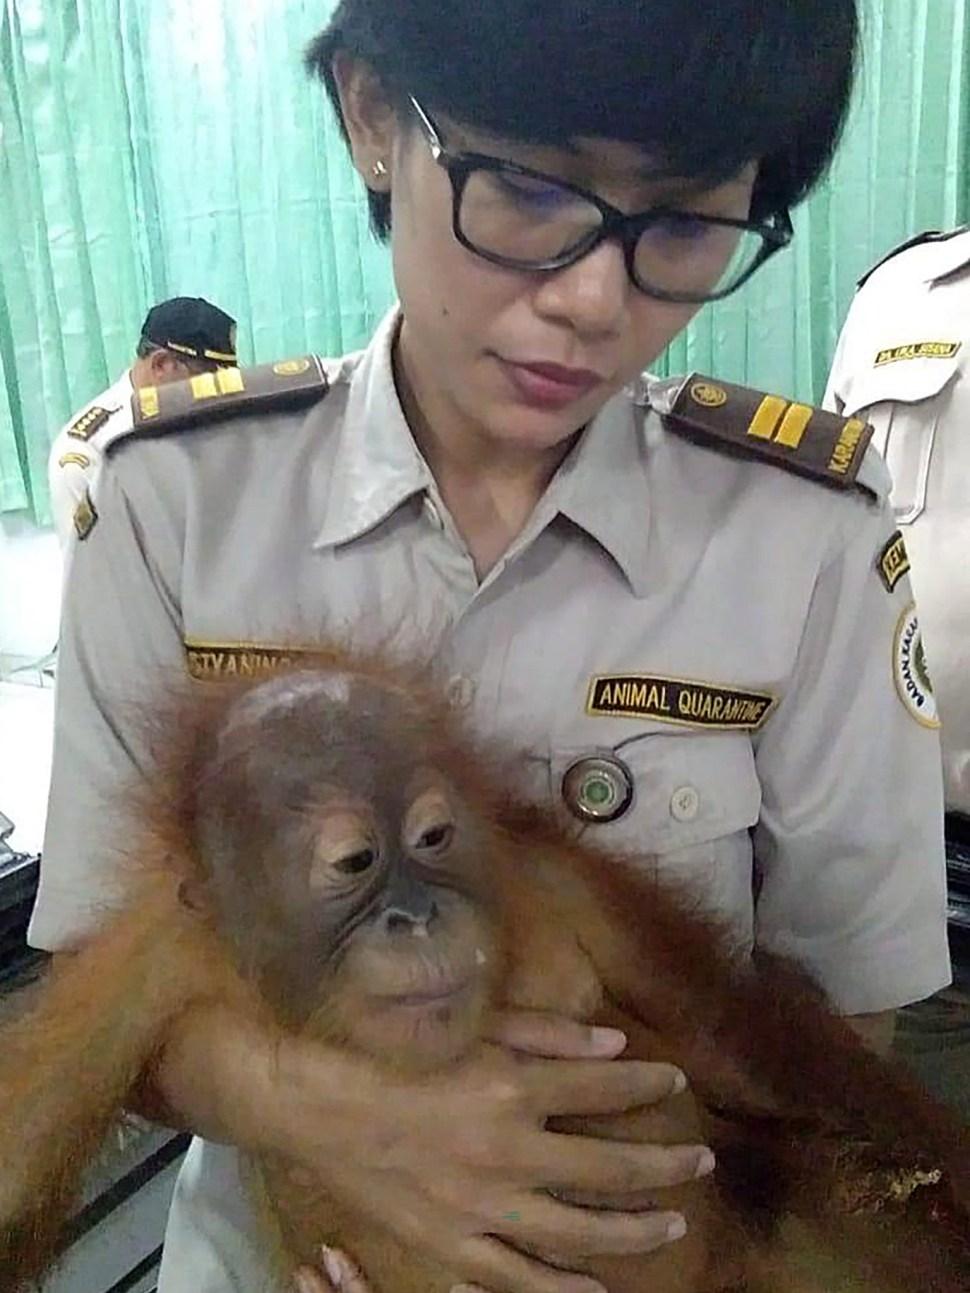 Foto: Agentes de aduanas encontraron a un orangután, de 2 años, sedado en una canasta de ratán, 24 marzo 2019